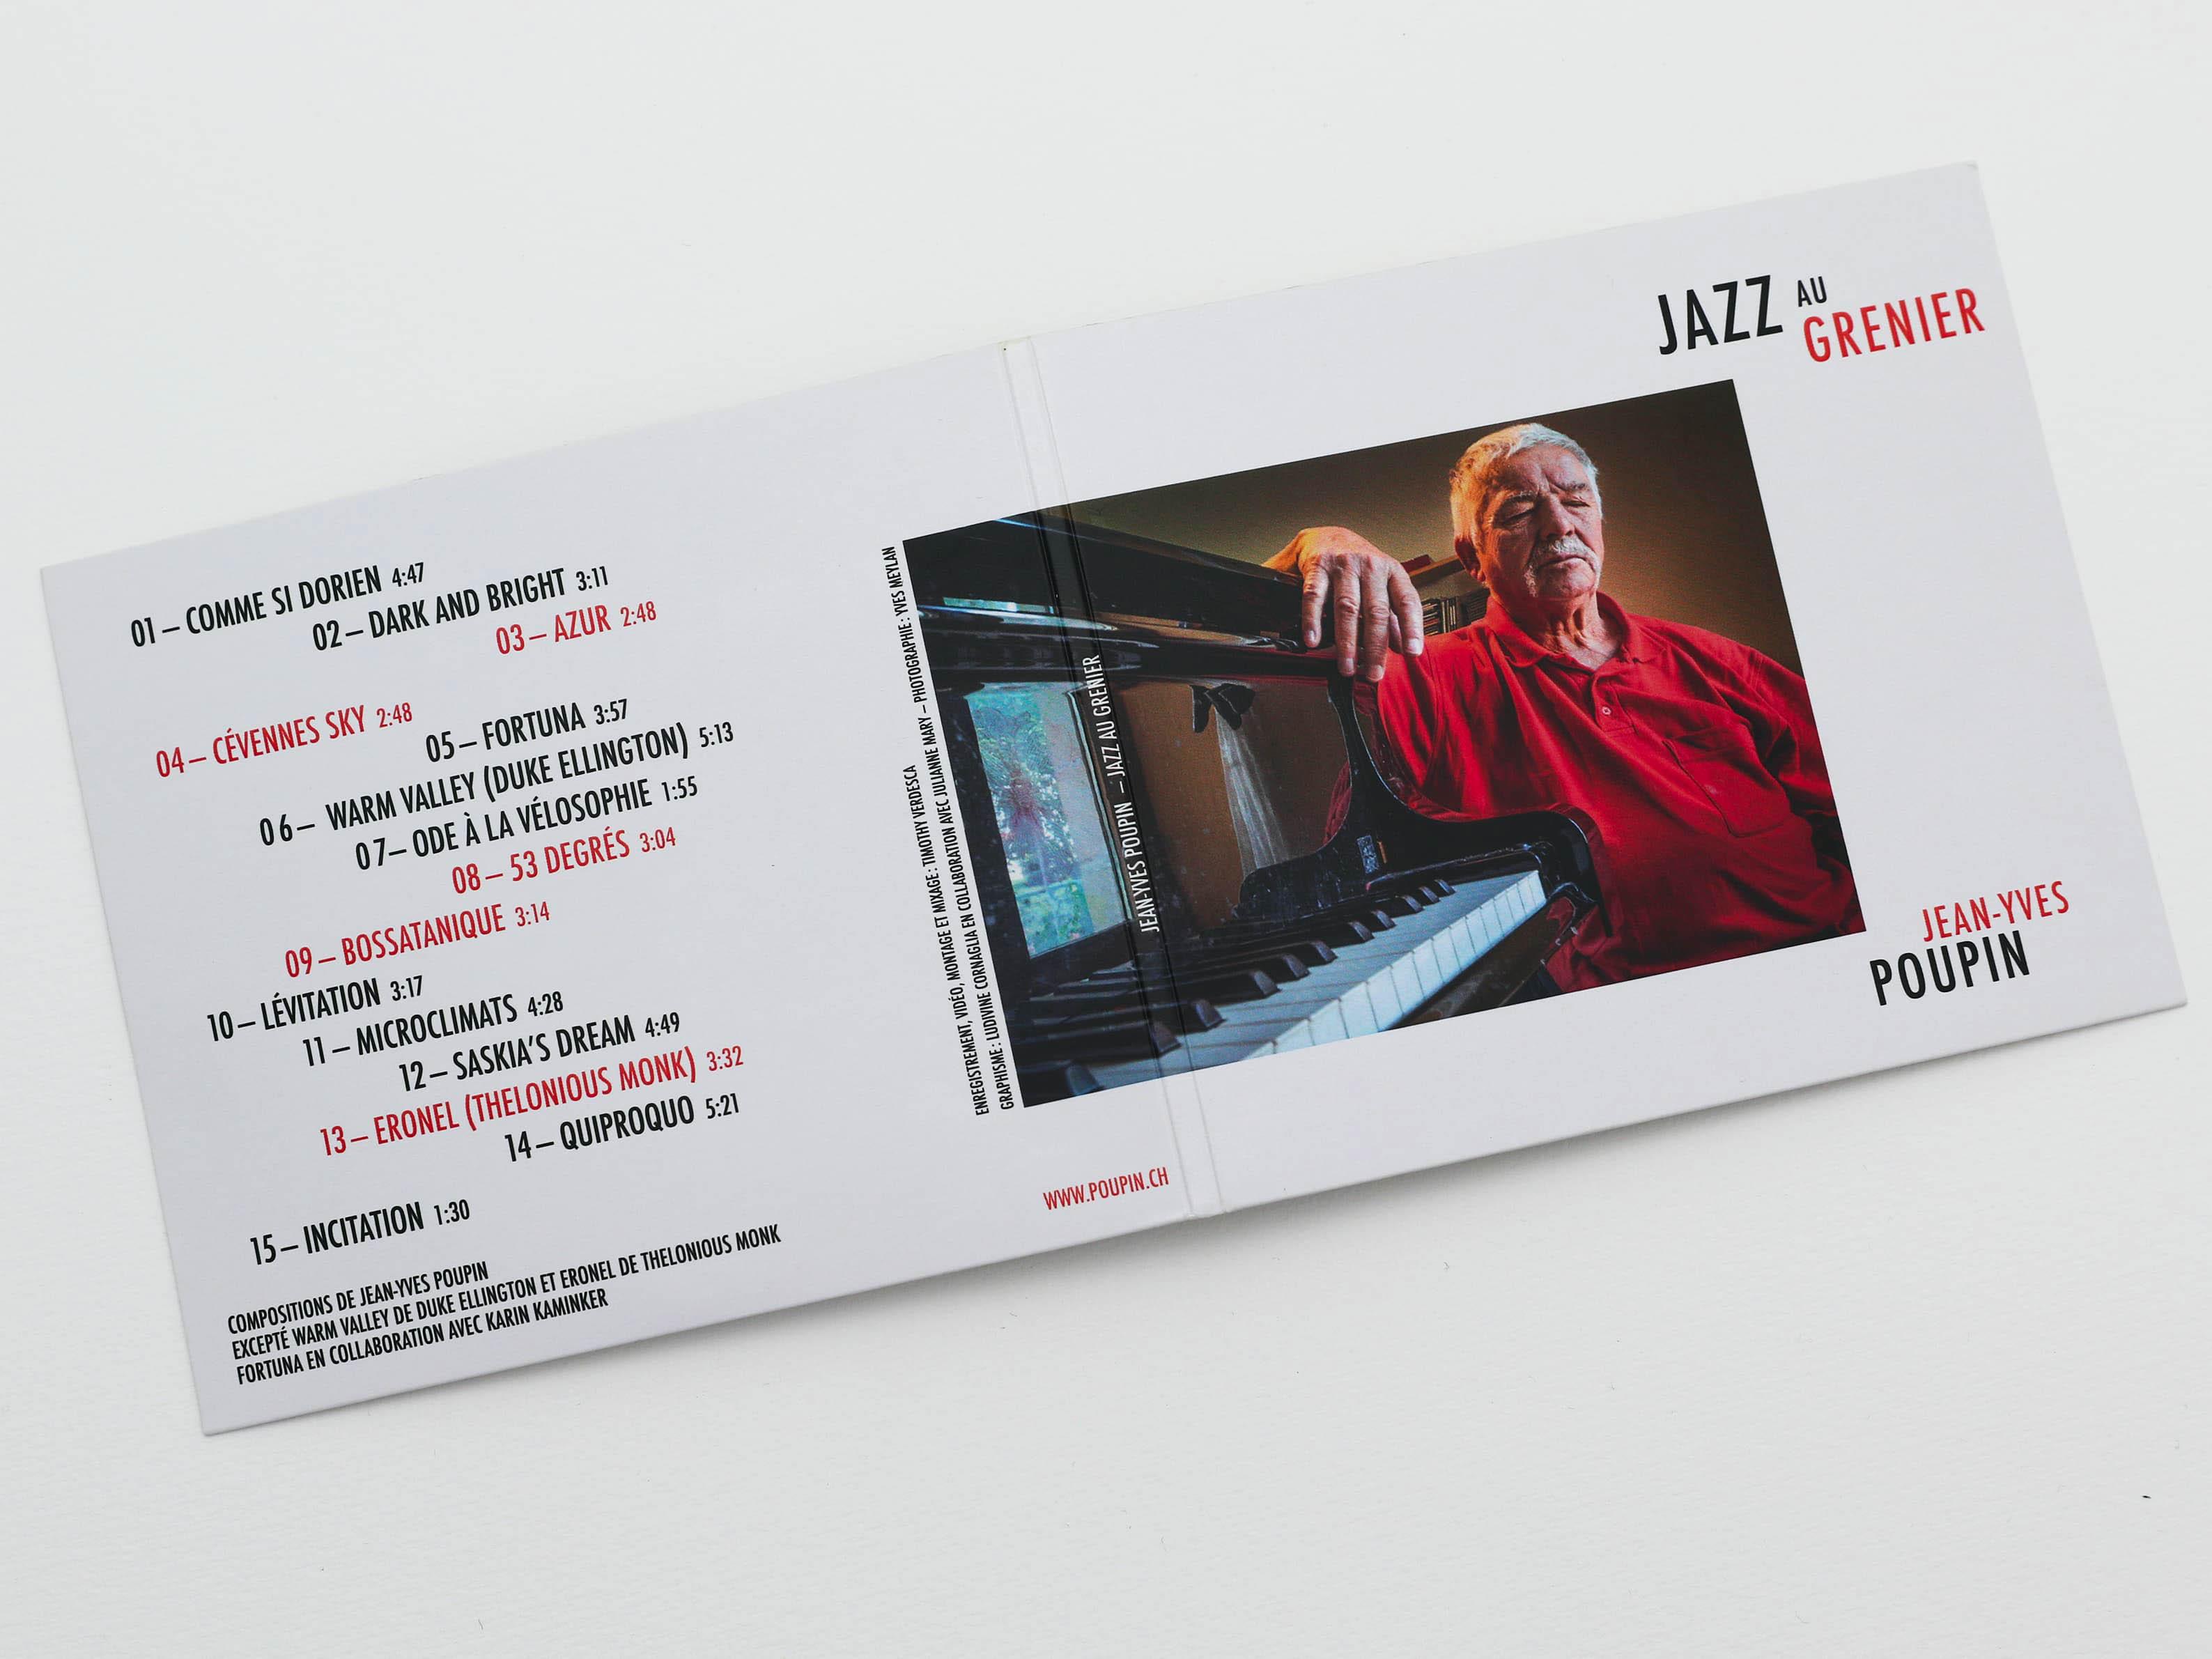 couverture d'album de Jazz au Grenier de Jean-Yves Poupin. Composition avec une photo de Yevs Meylan. Composition typographique